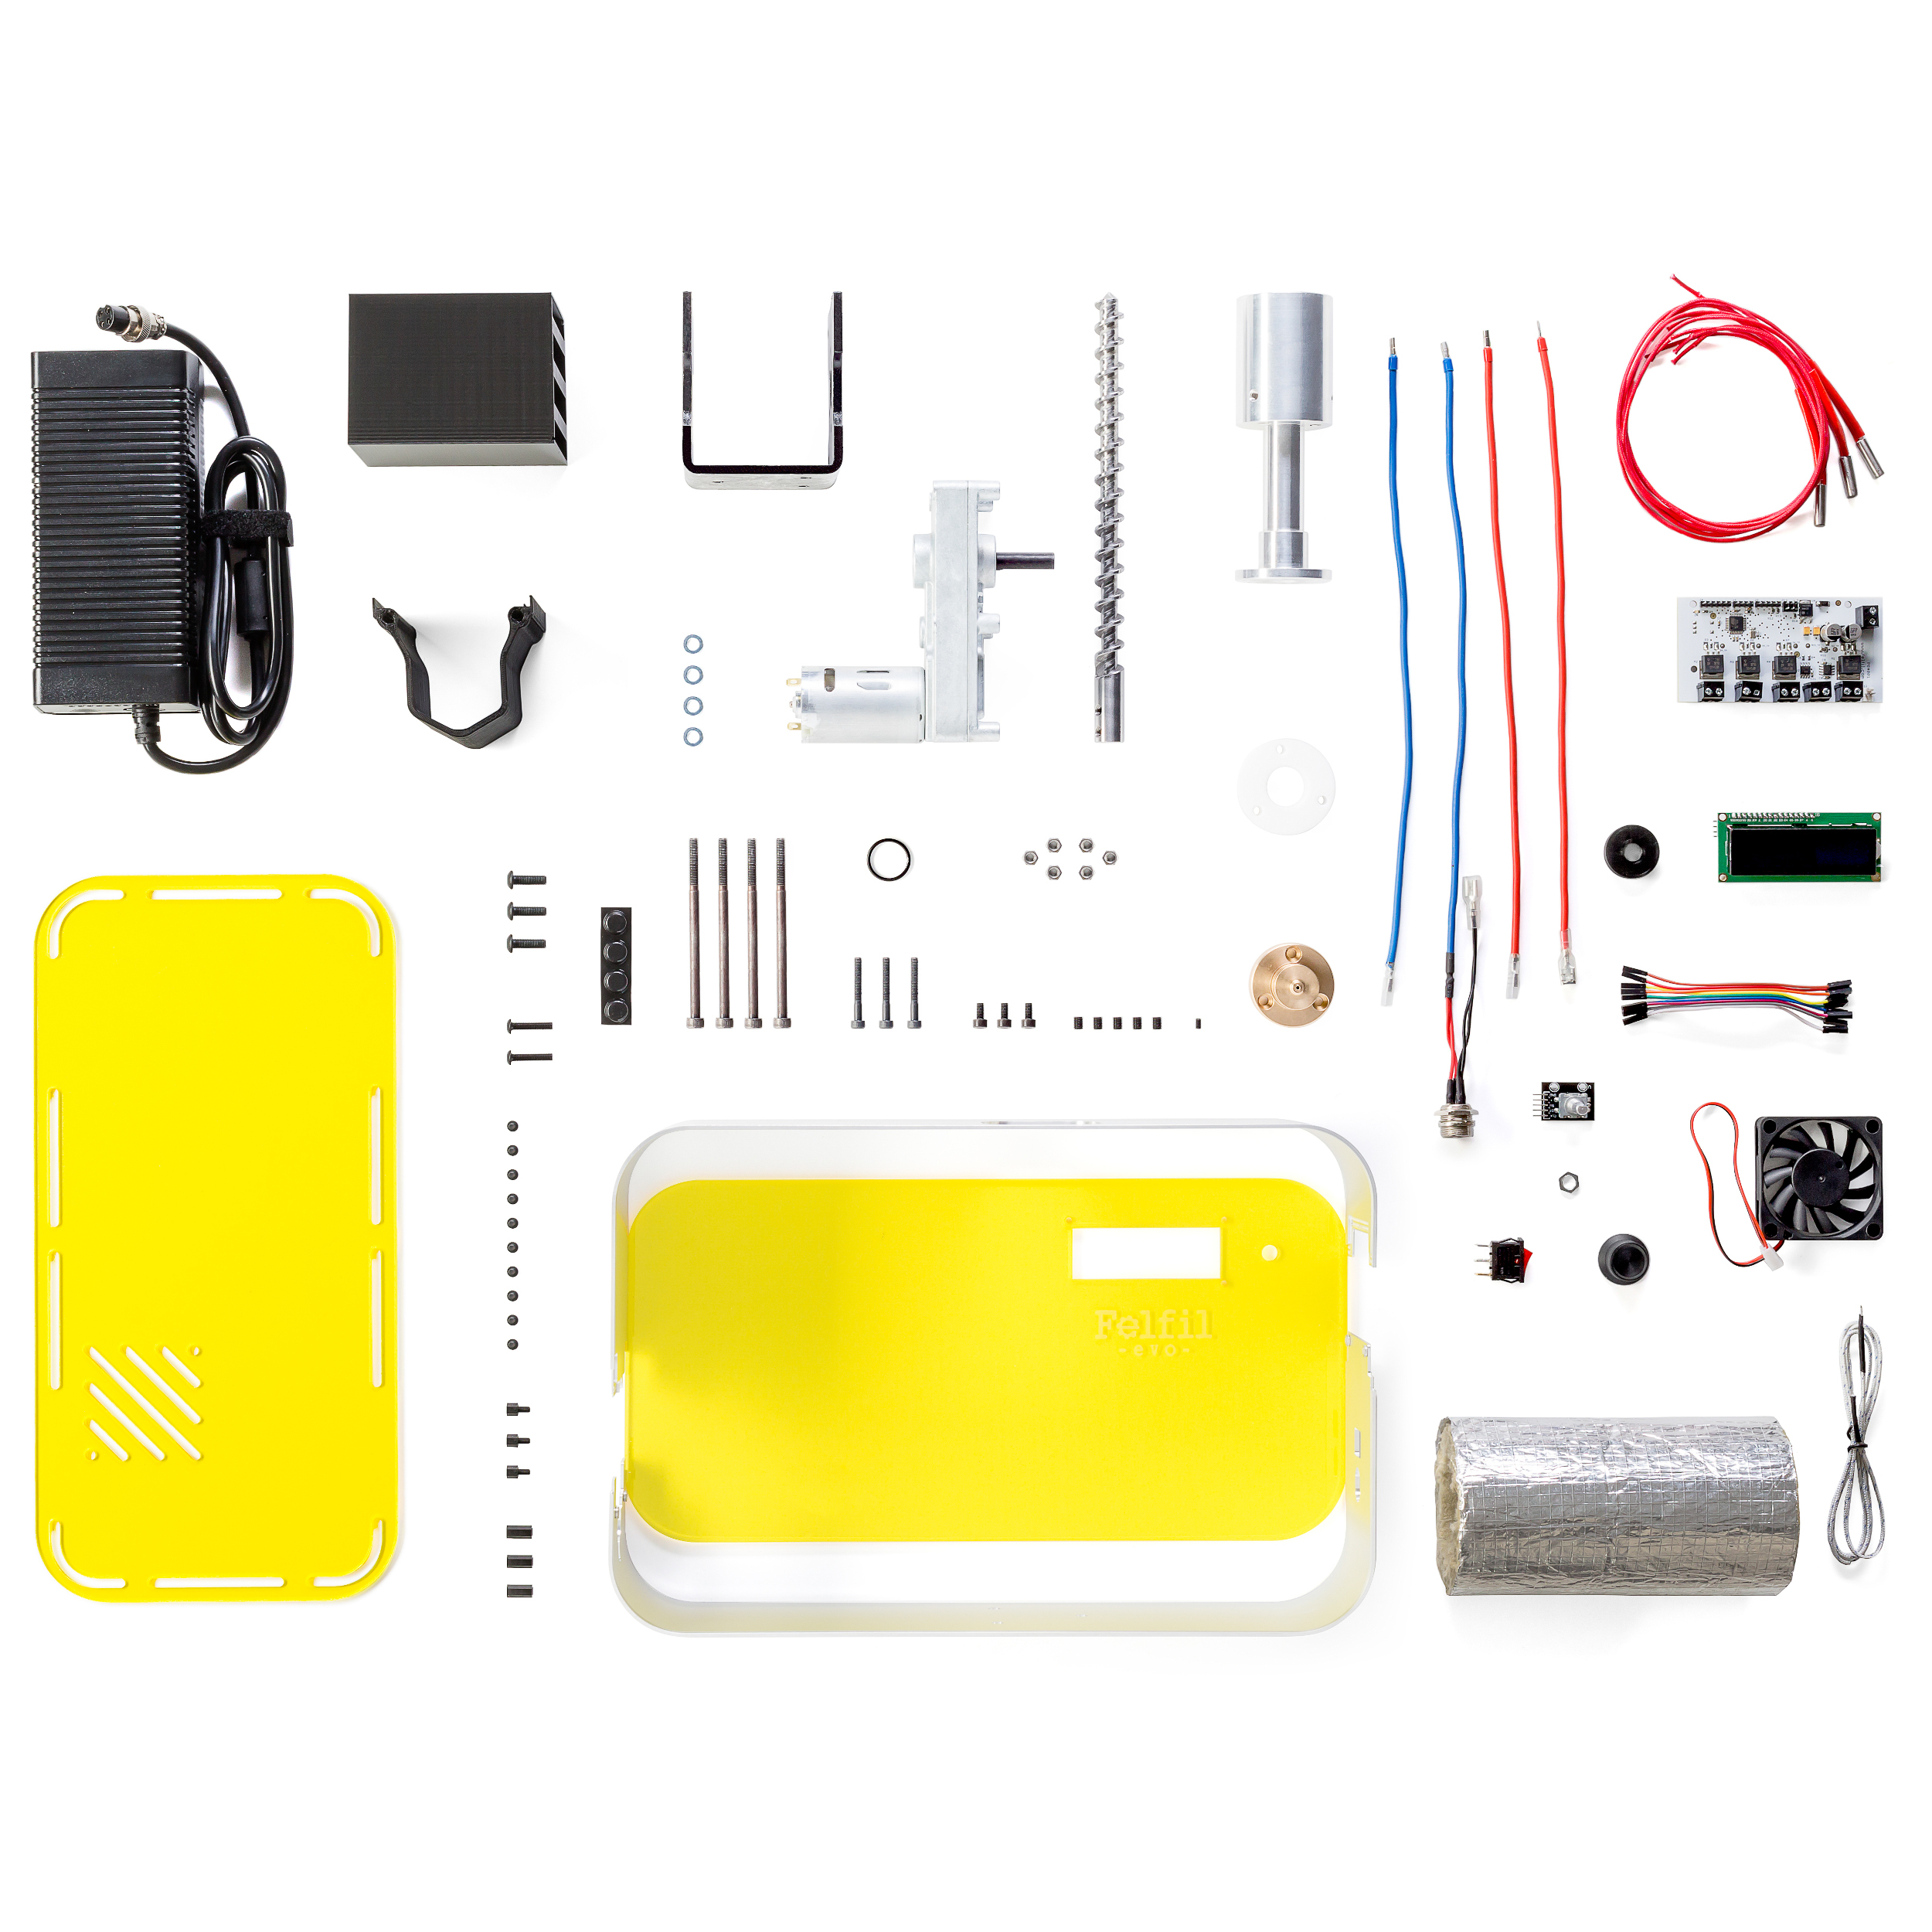 Felfil - EVO Pellet Extruder Full kit - White